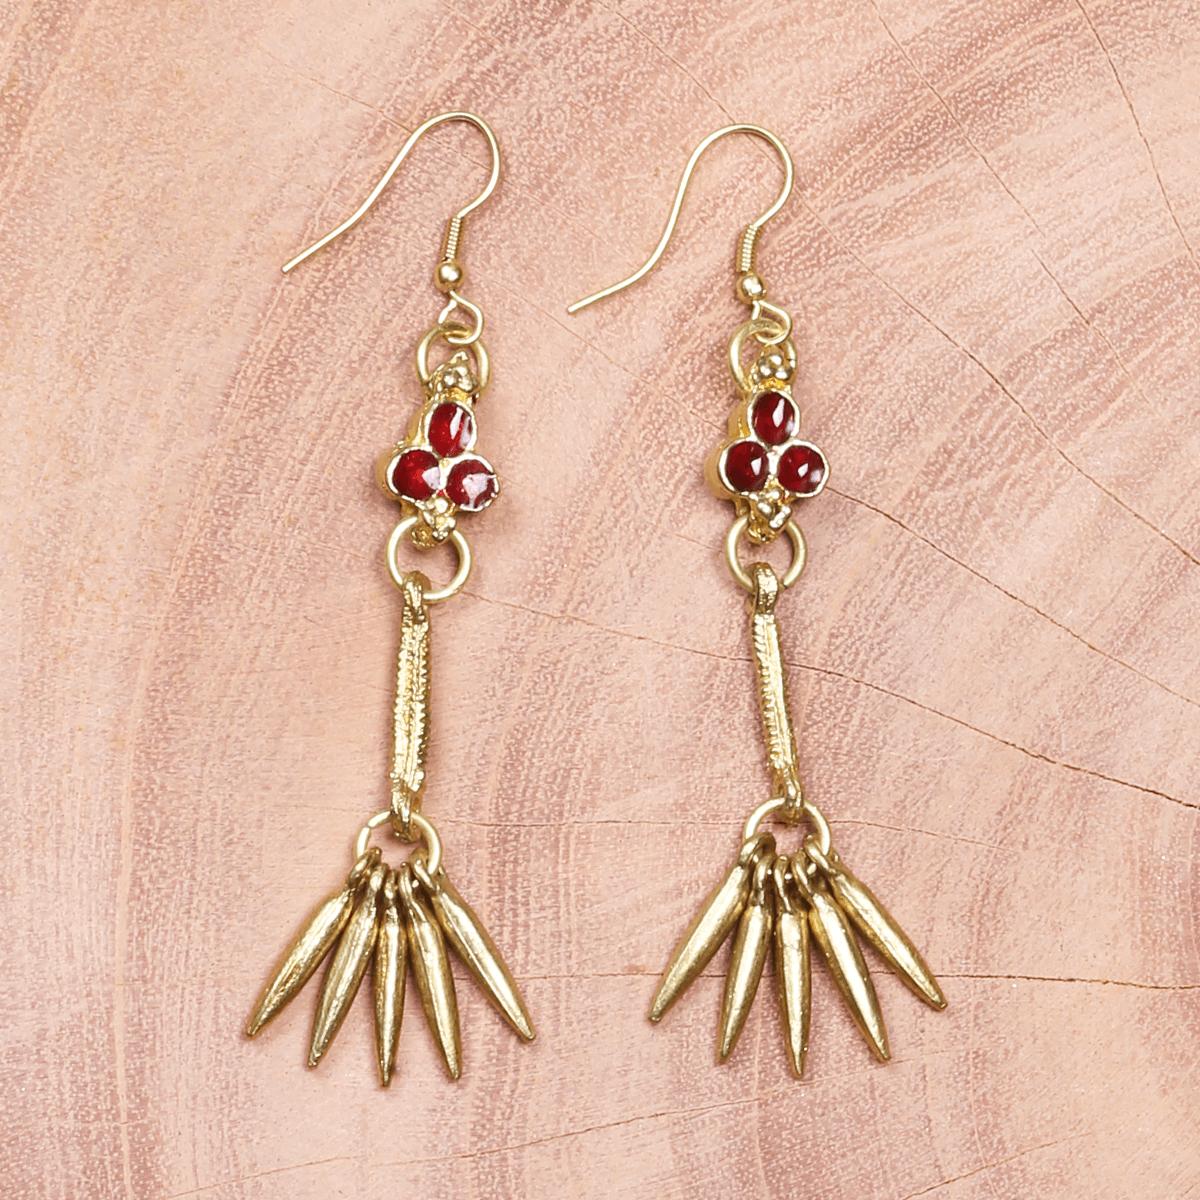 Golden metal earring